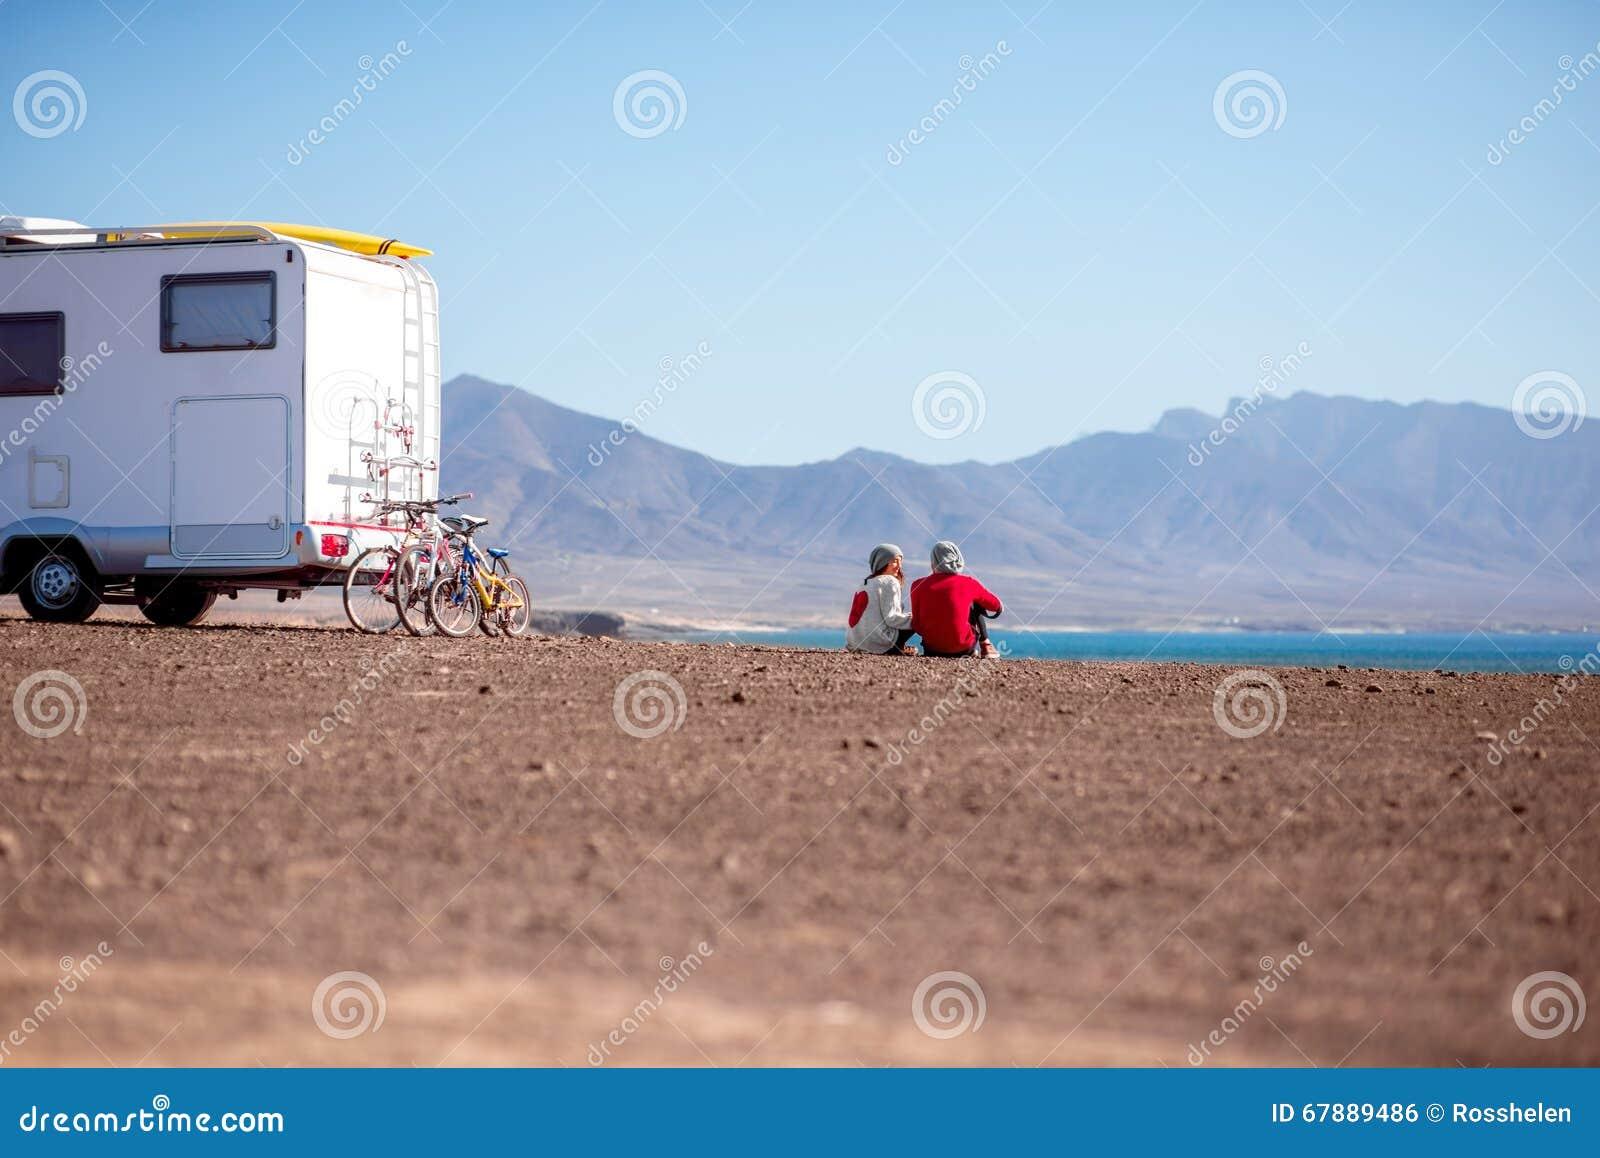 旅行乘野营的拖车的夫妇